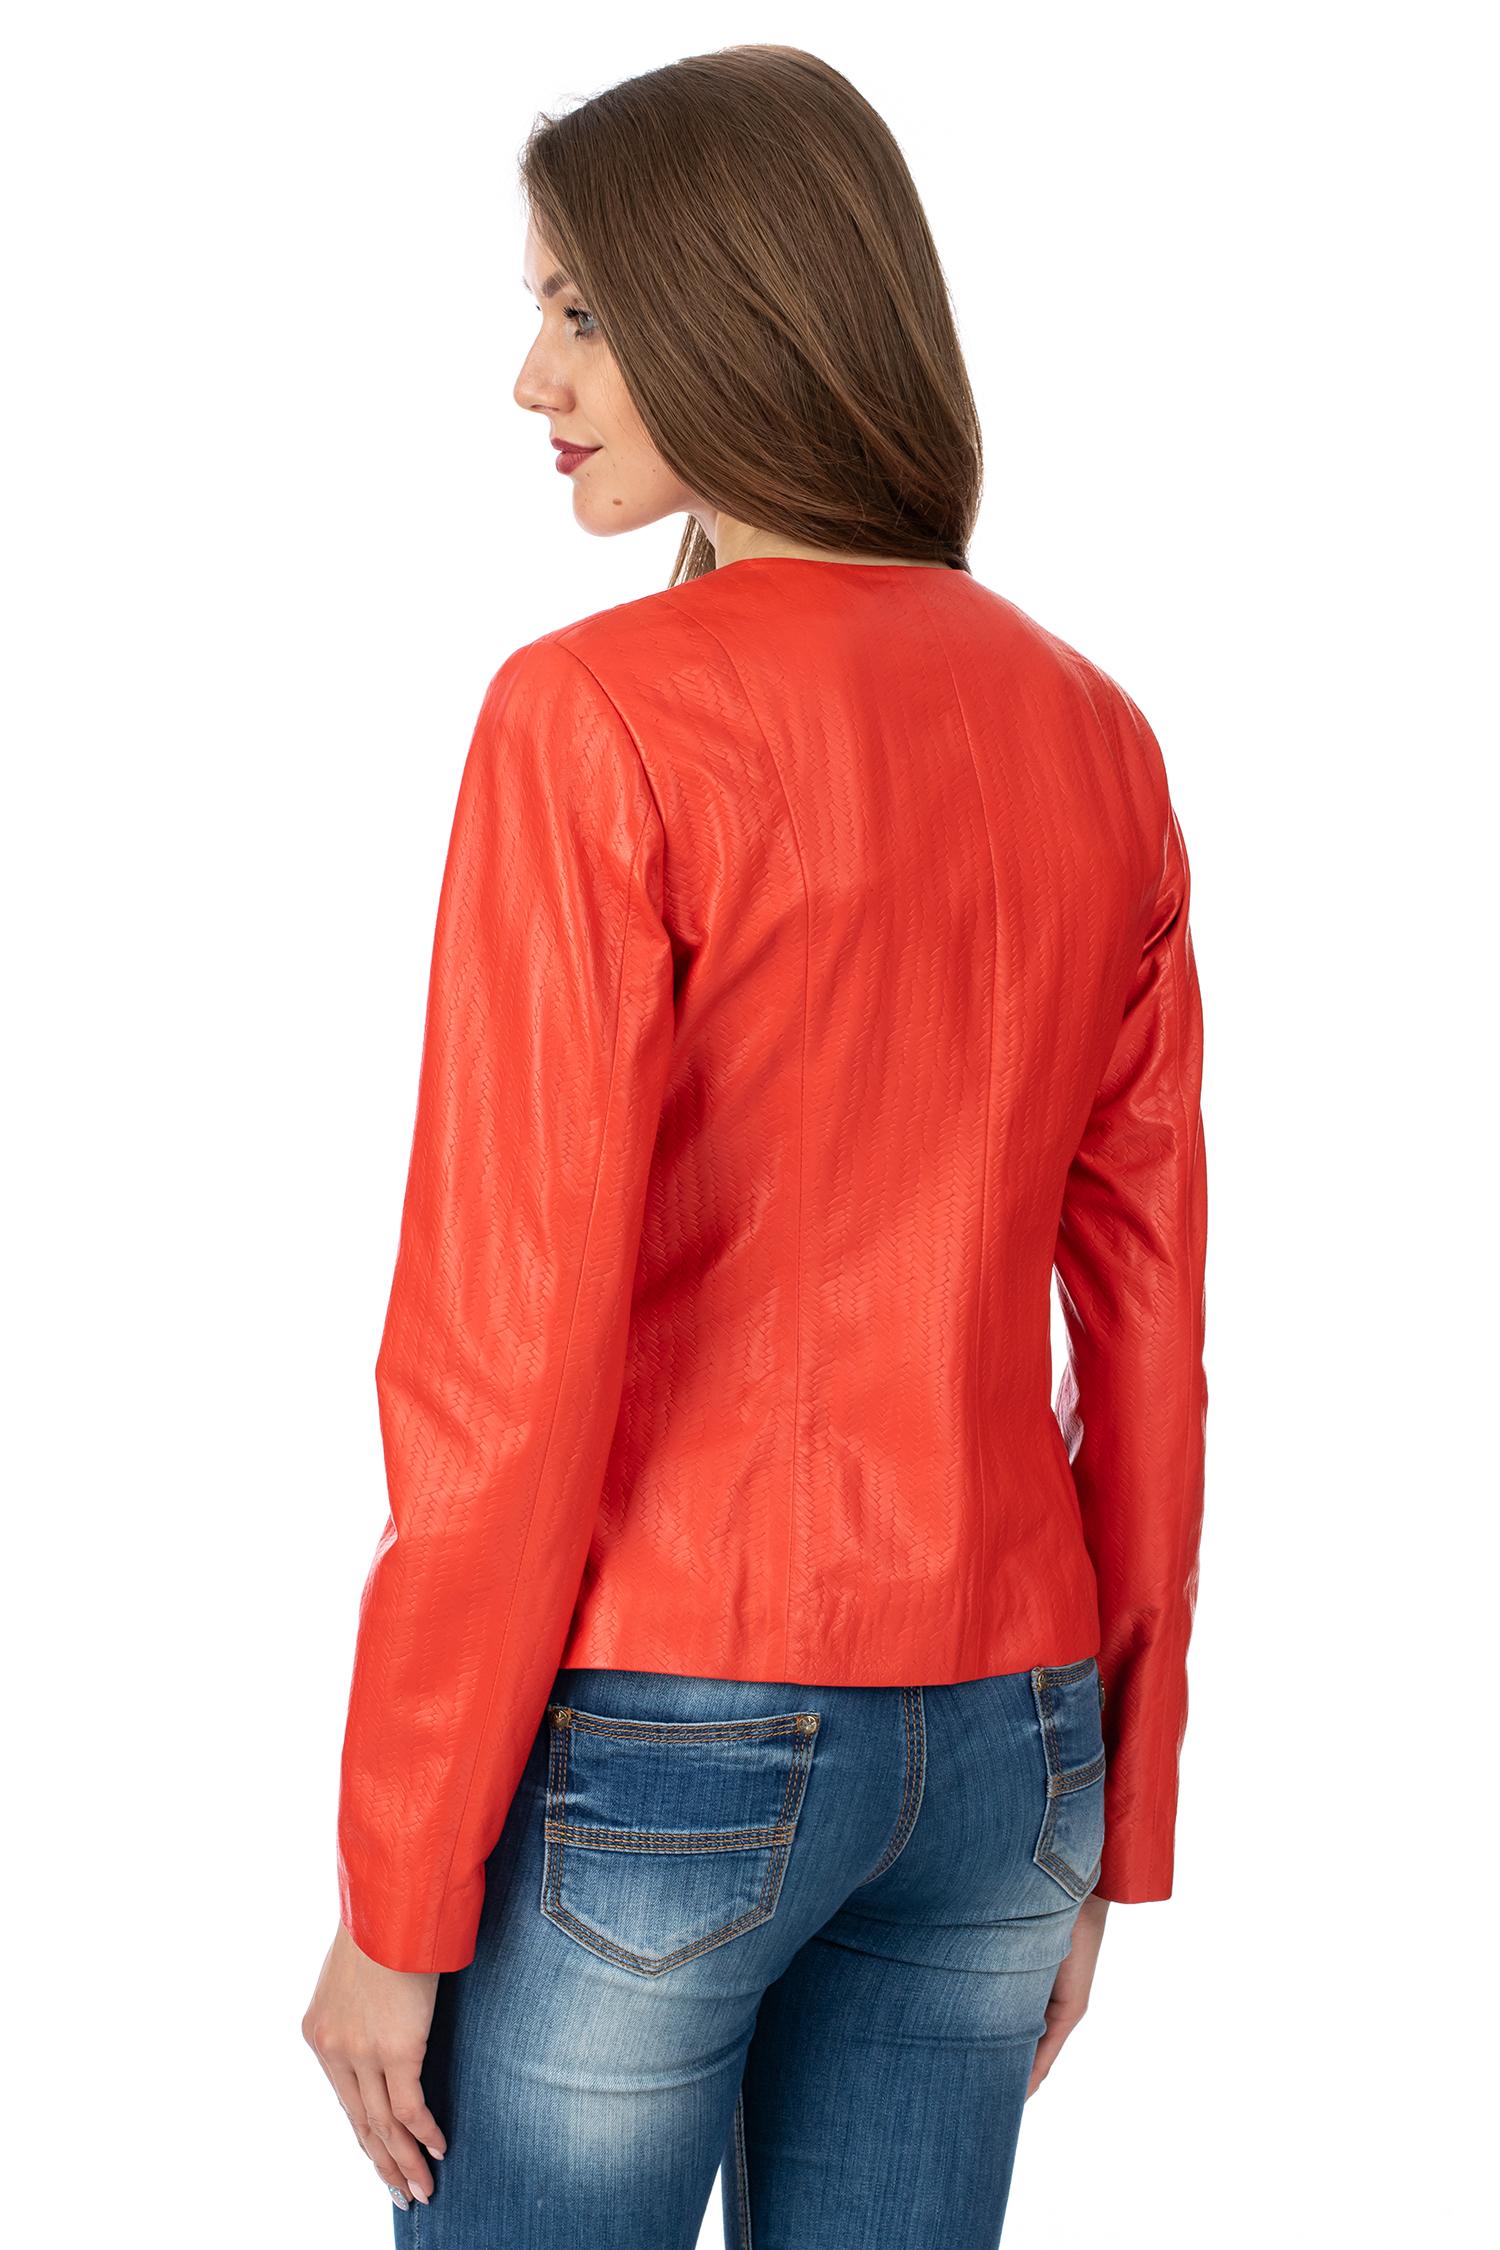 Фото 3 - Женская кожаная куртка из натуральной кожи без воротника от МОСМЕХА красного цвета